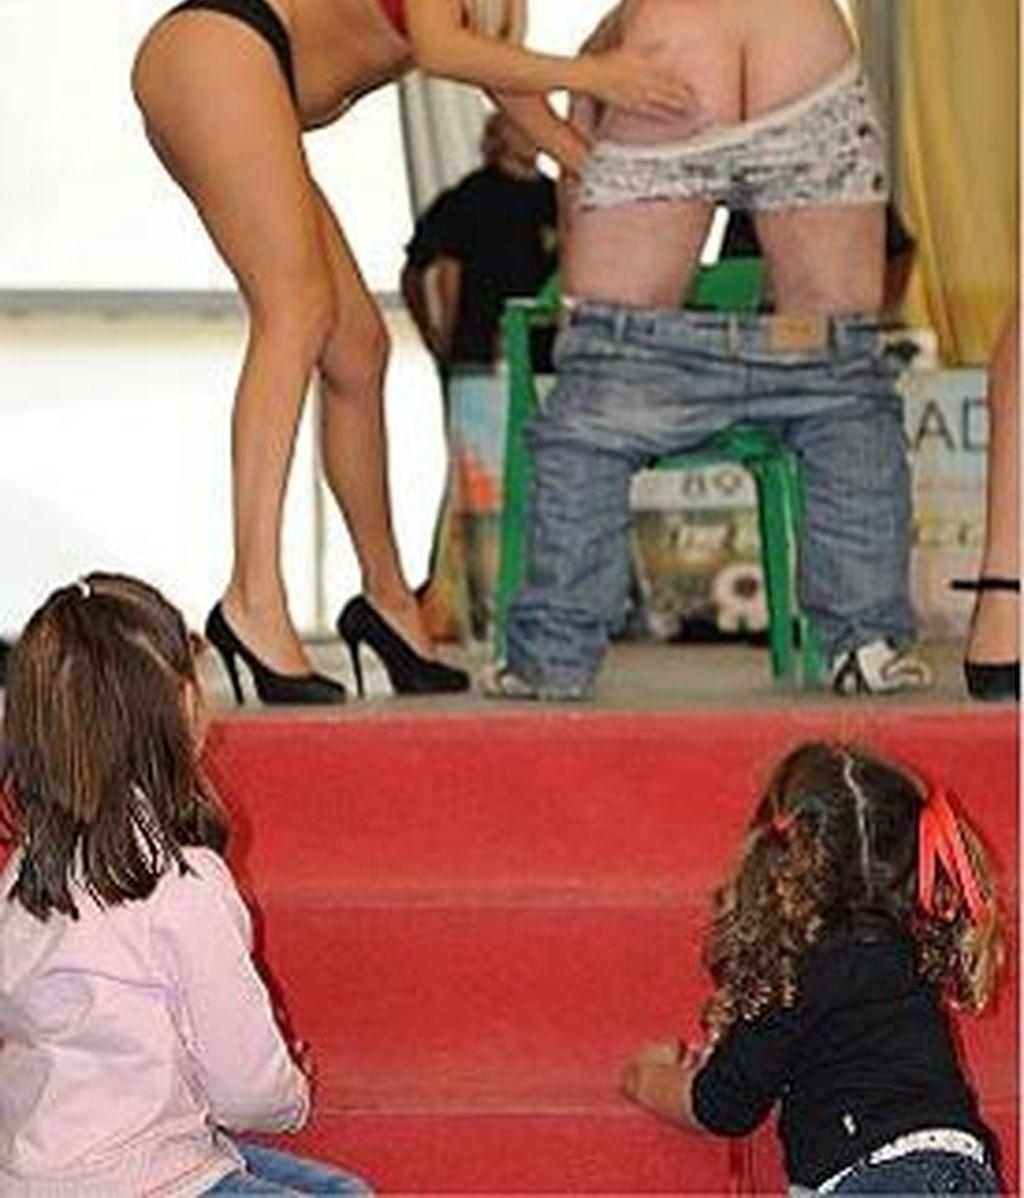 Las controvertidas imágenes de la 'fiesta erótica' a la que acudieron niños han salido hoy a la luz. Vídeo: Informativos Telecinco